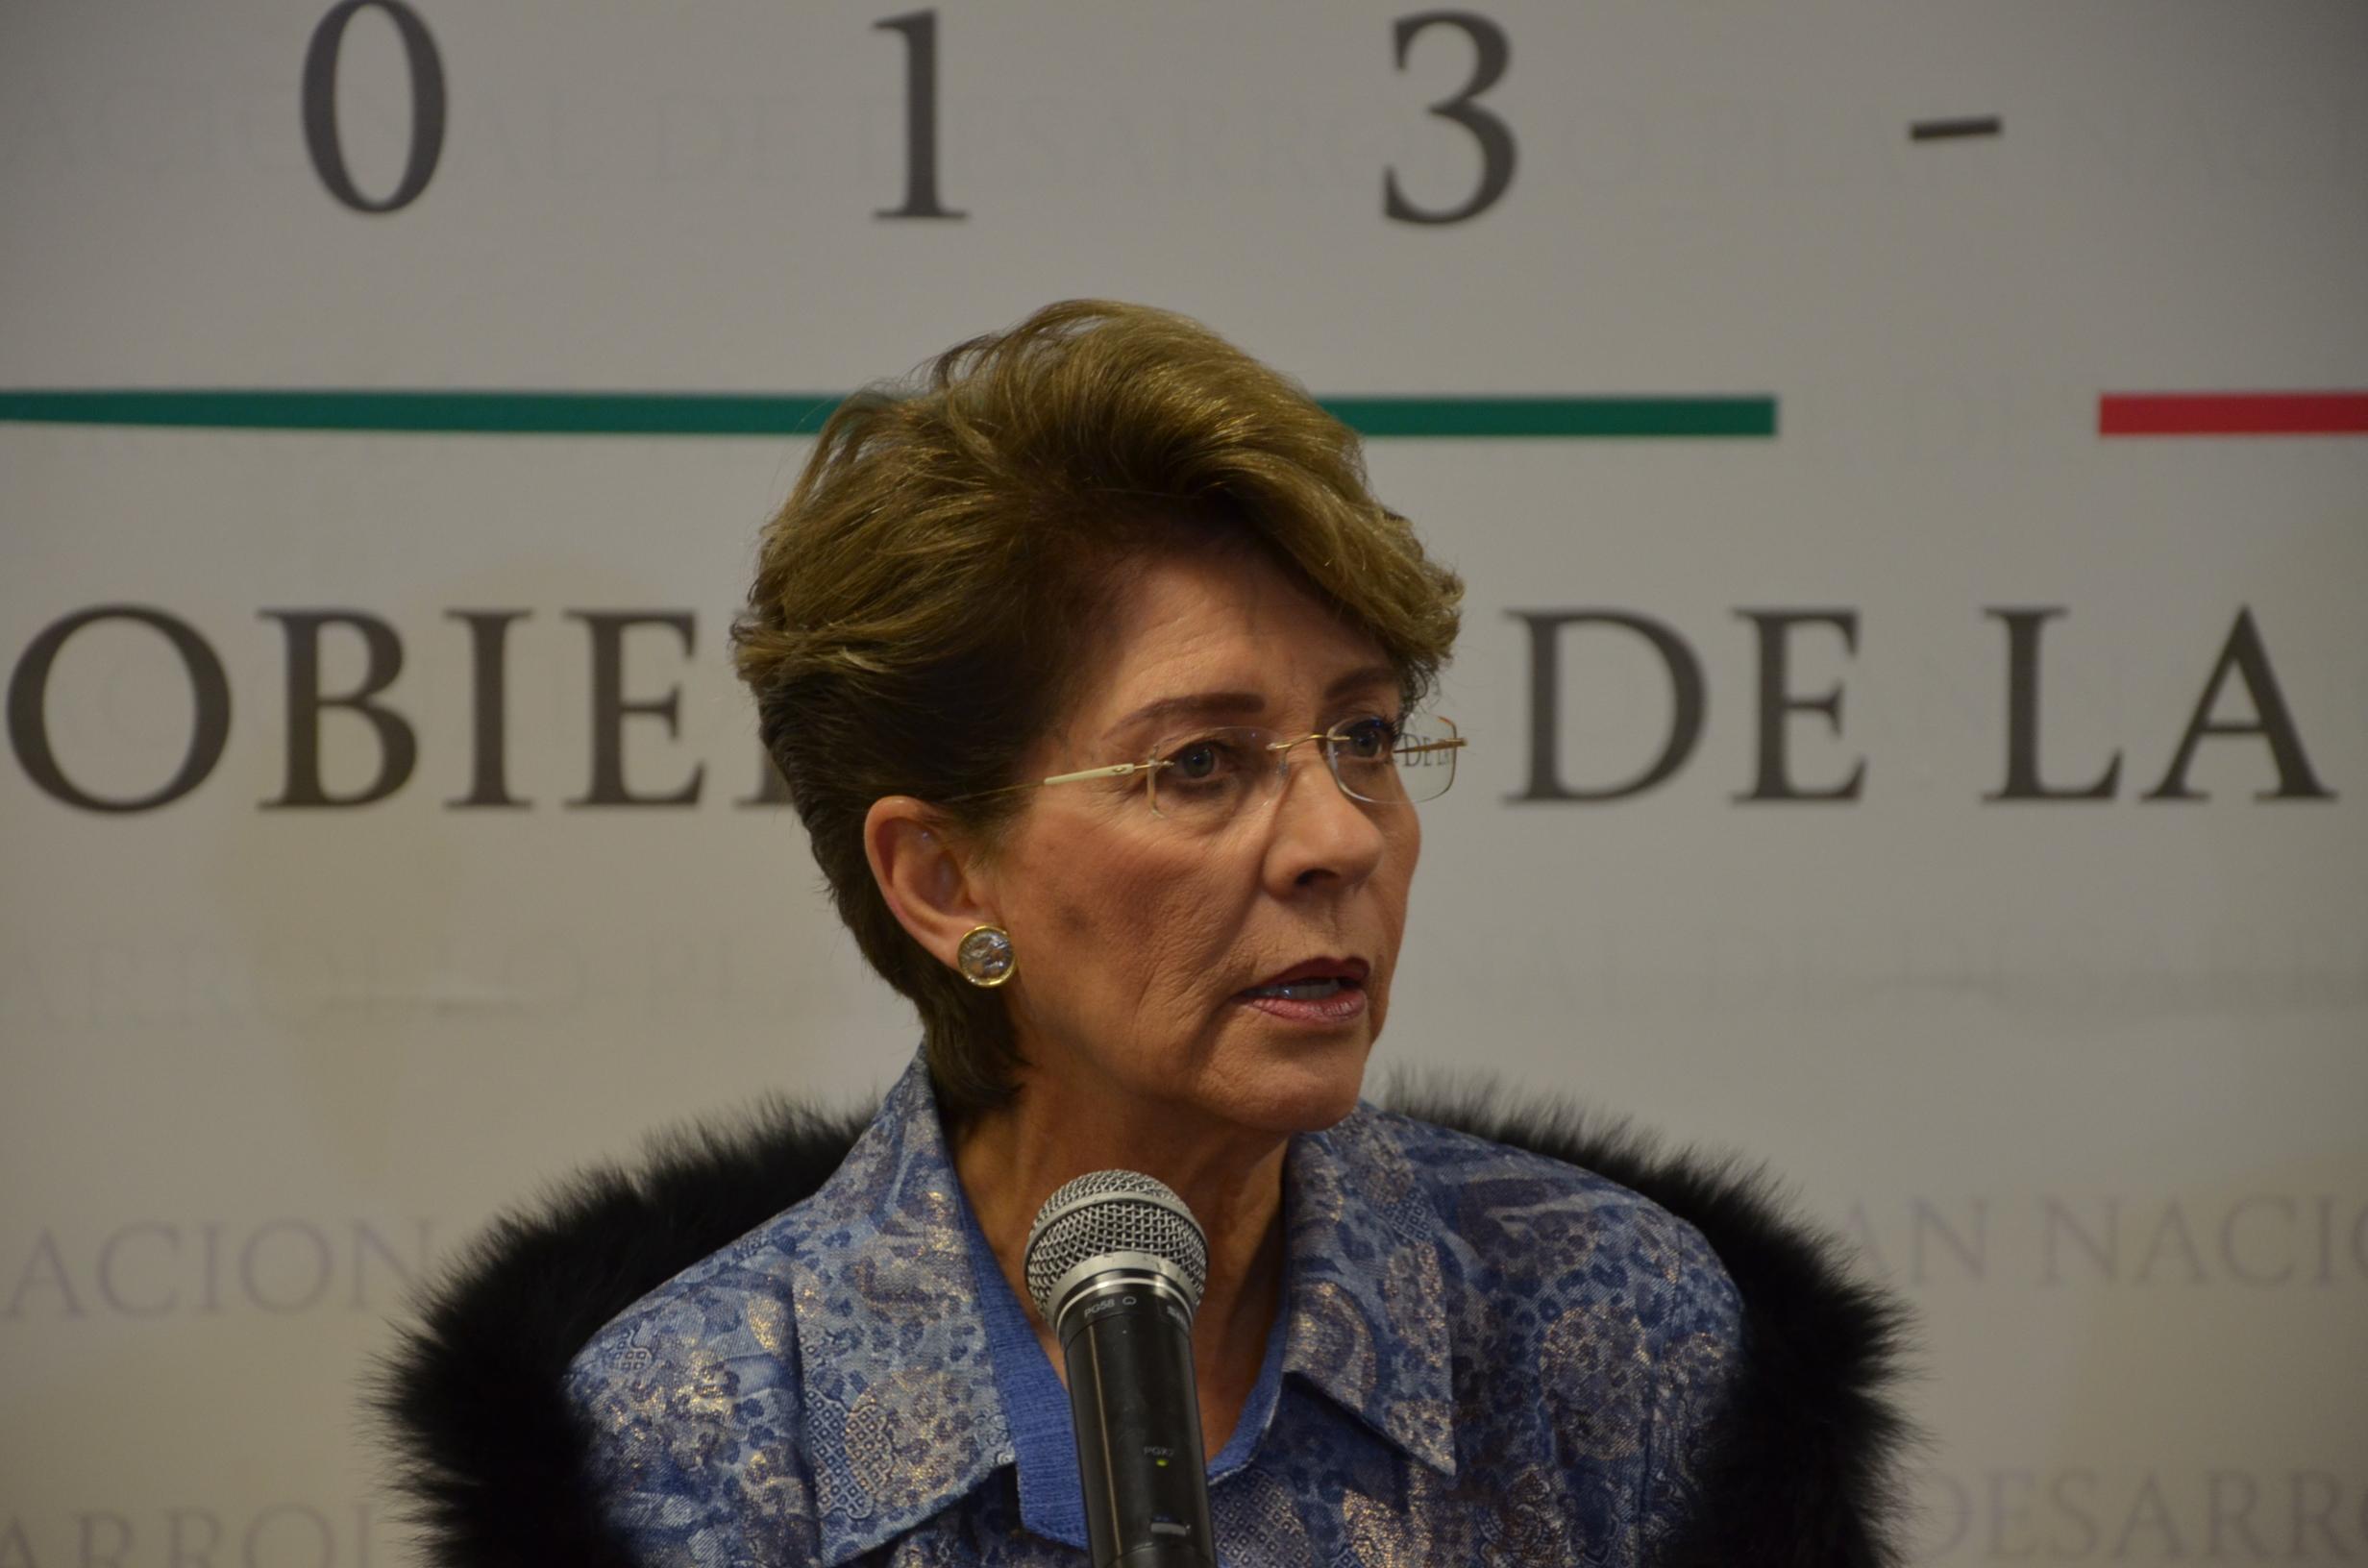 México participará en la 66ª asamblea mundial de la Salud, en Ginebra, Suiza